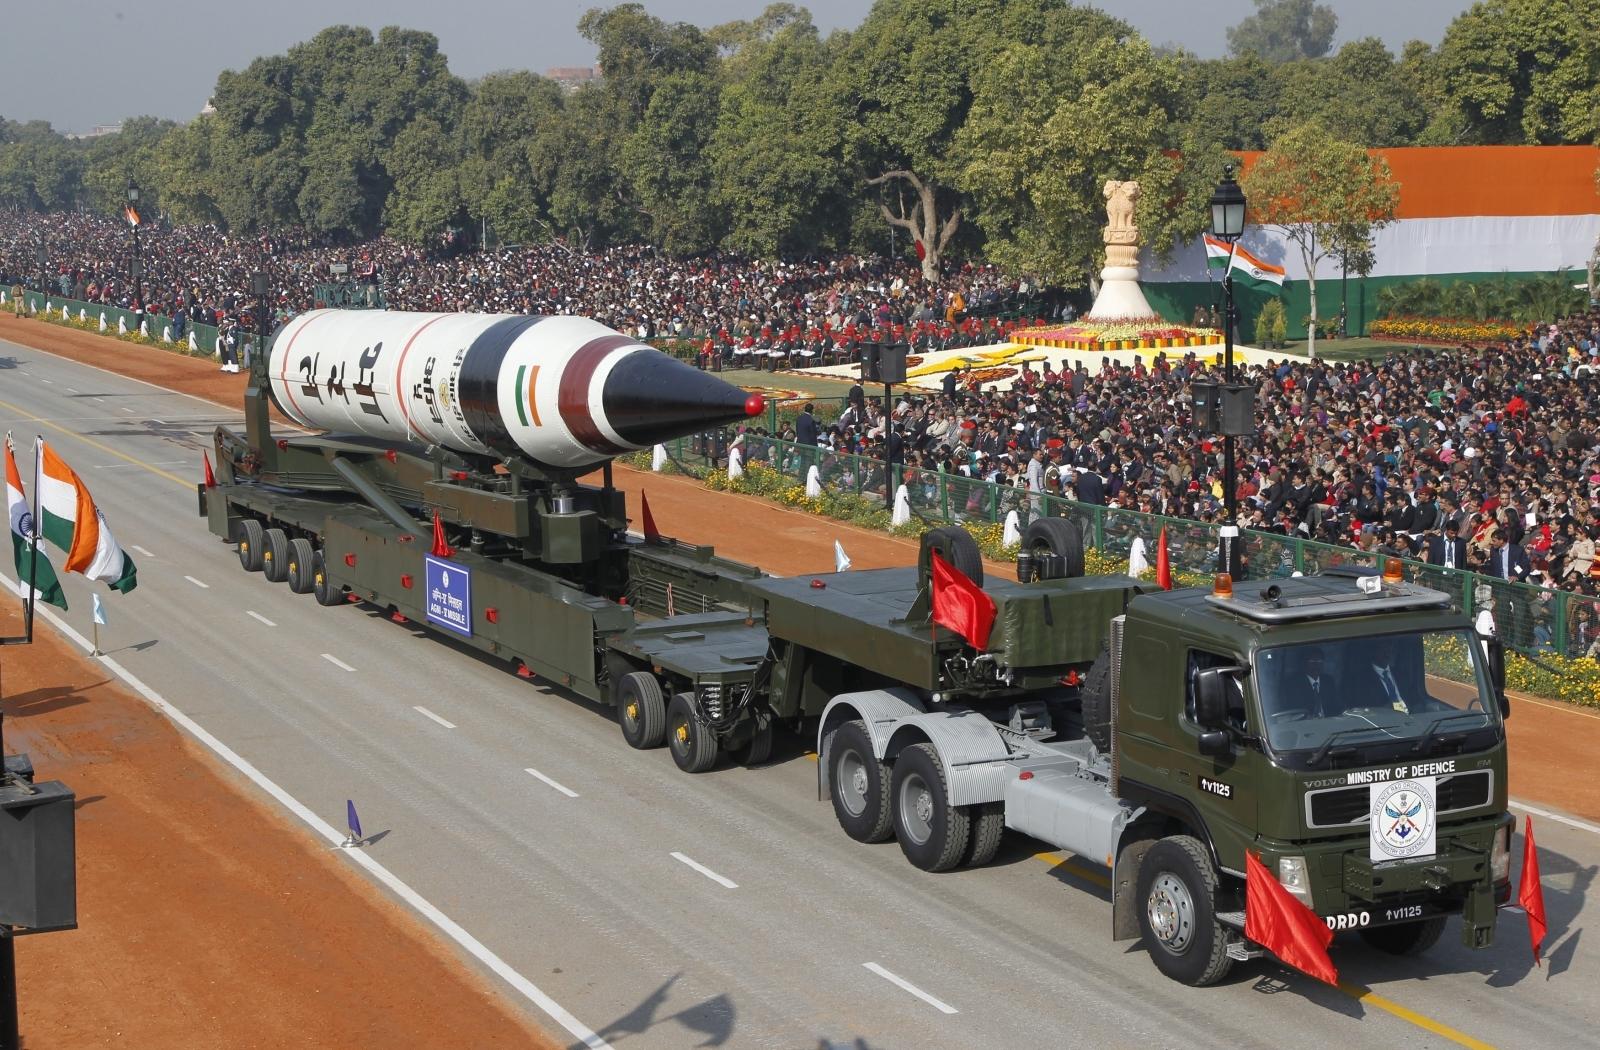 India Agni missile test